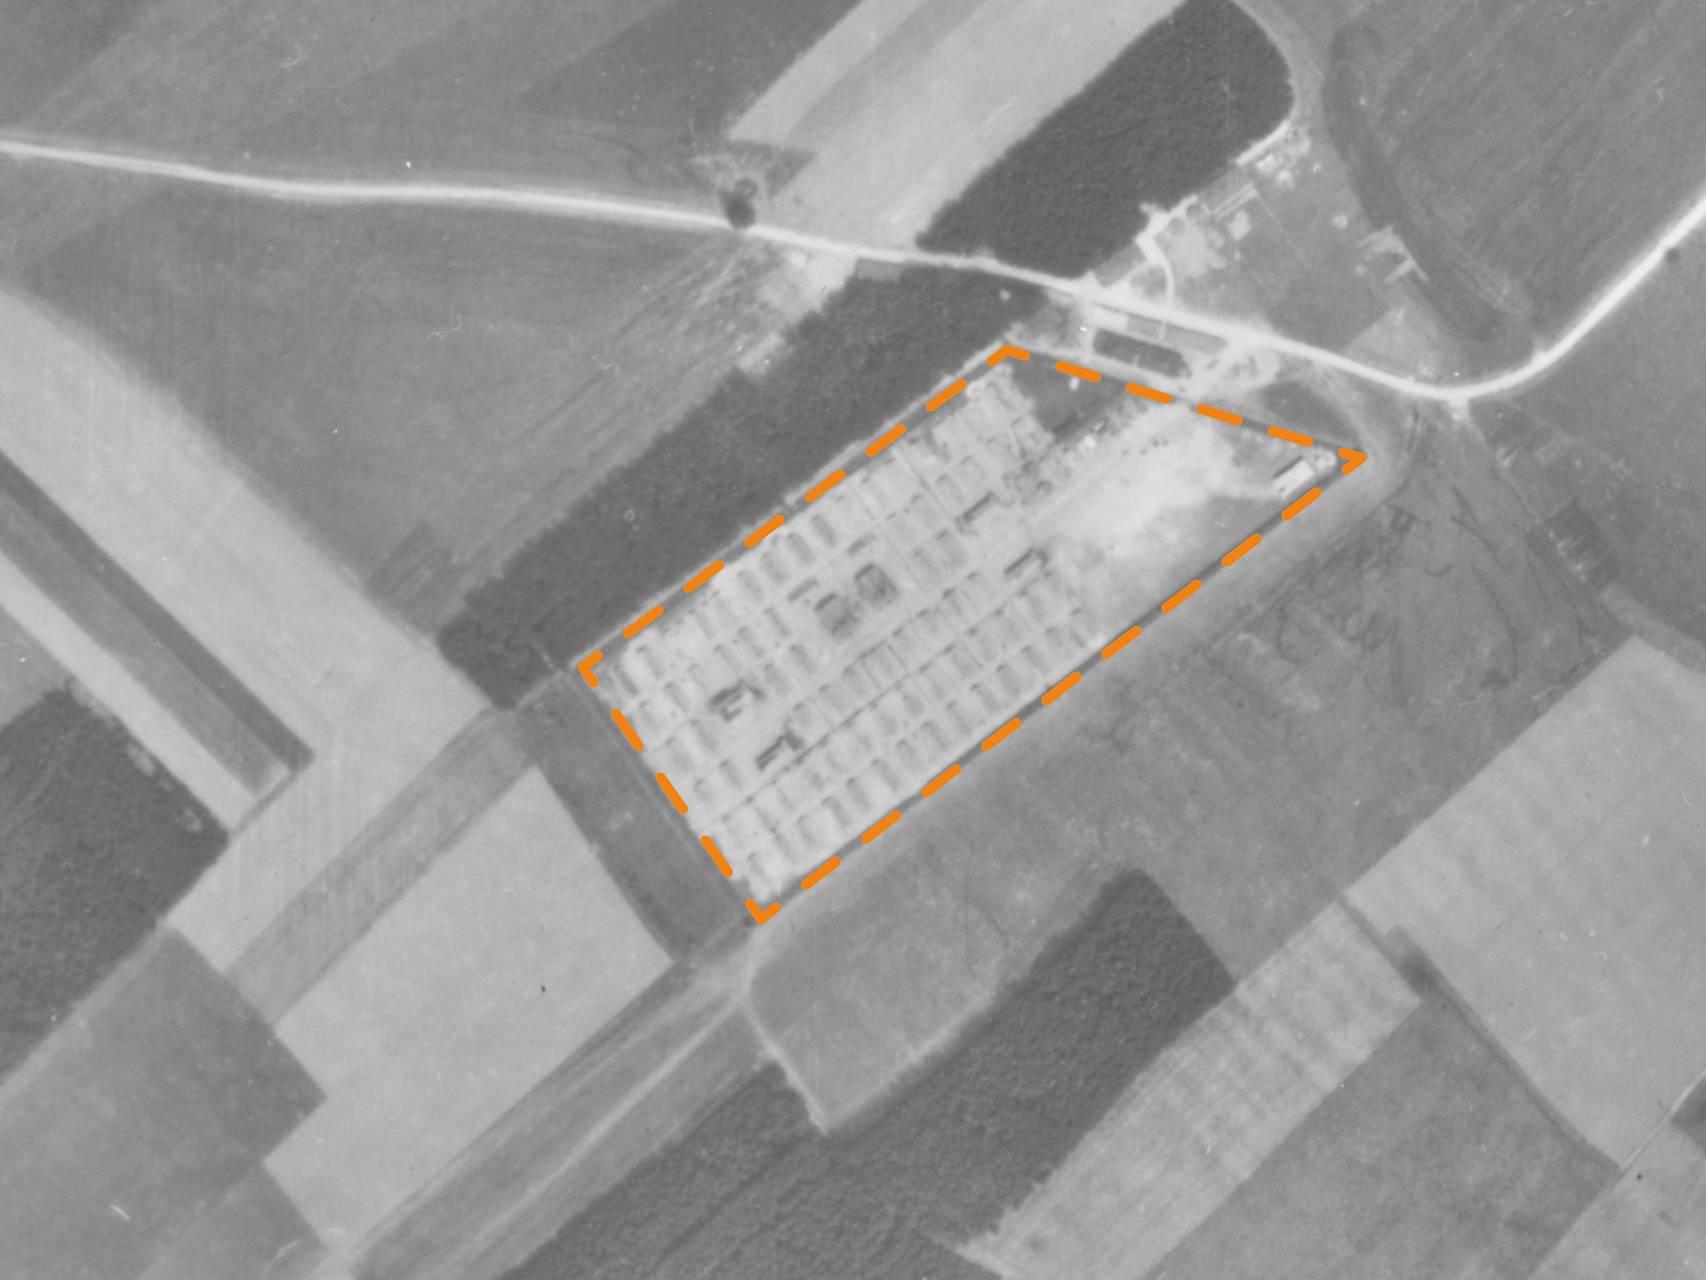 Luftbildaufnahme des Kranken- und Sterbelagers Kaufering IV.